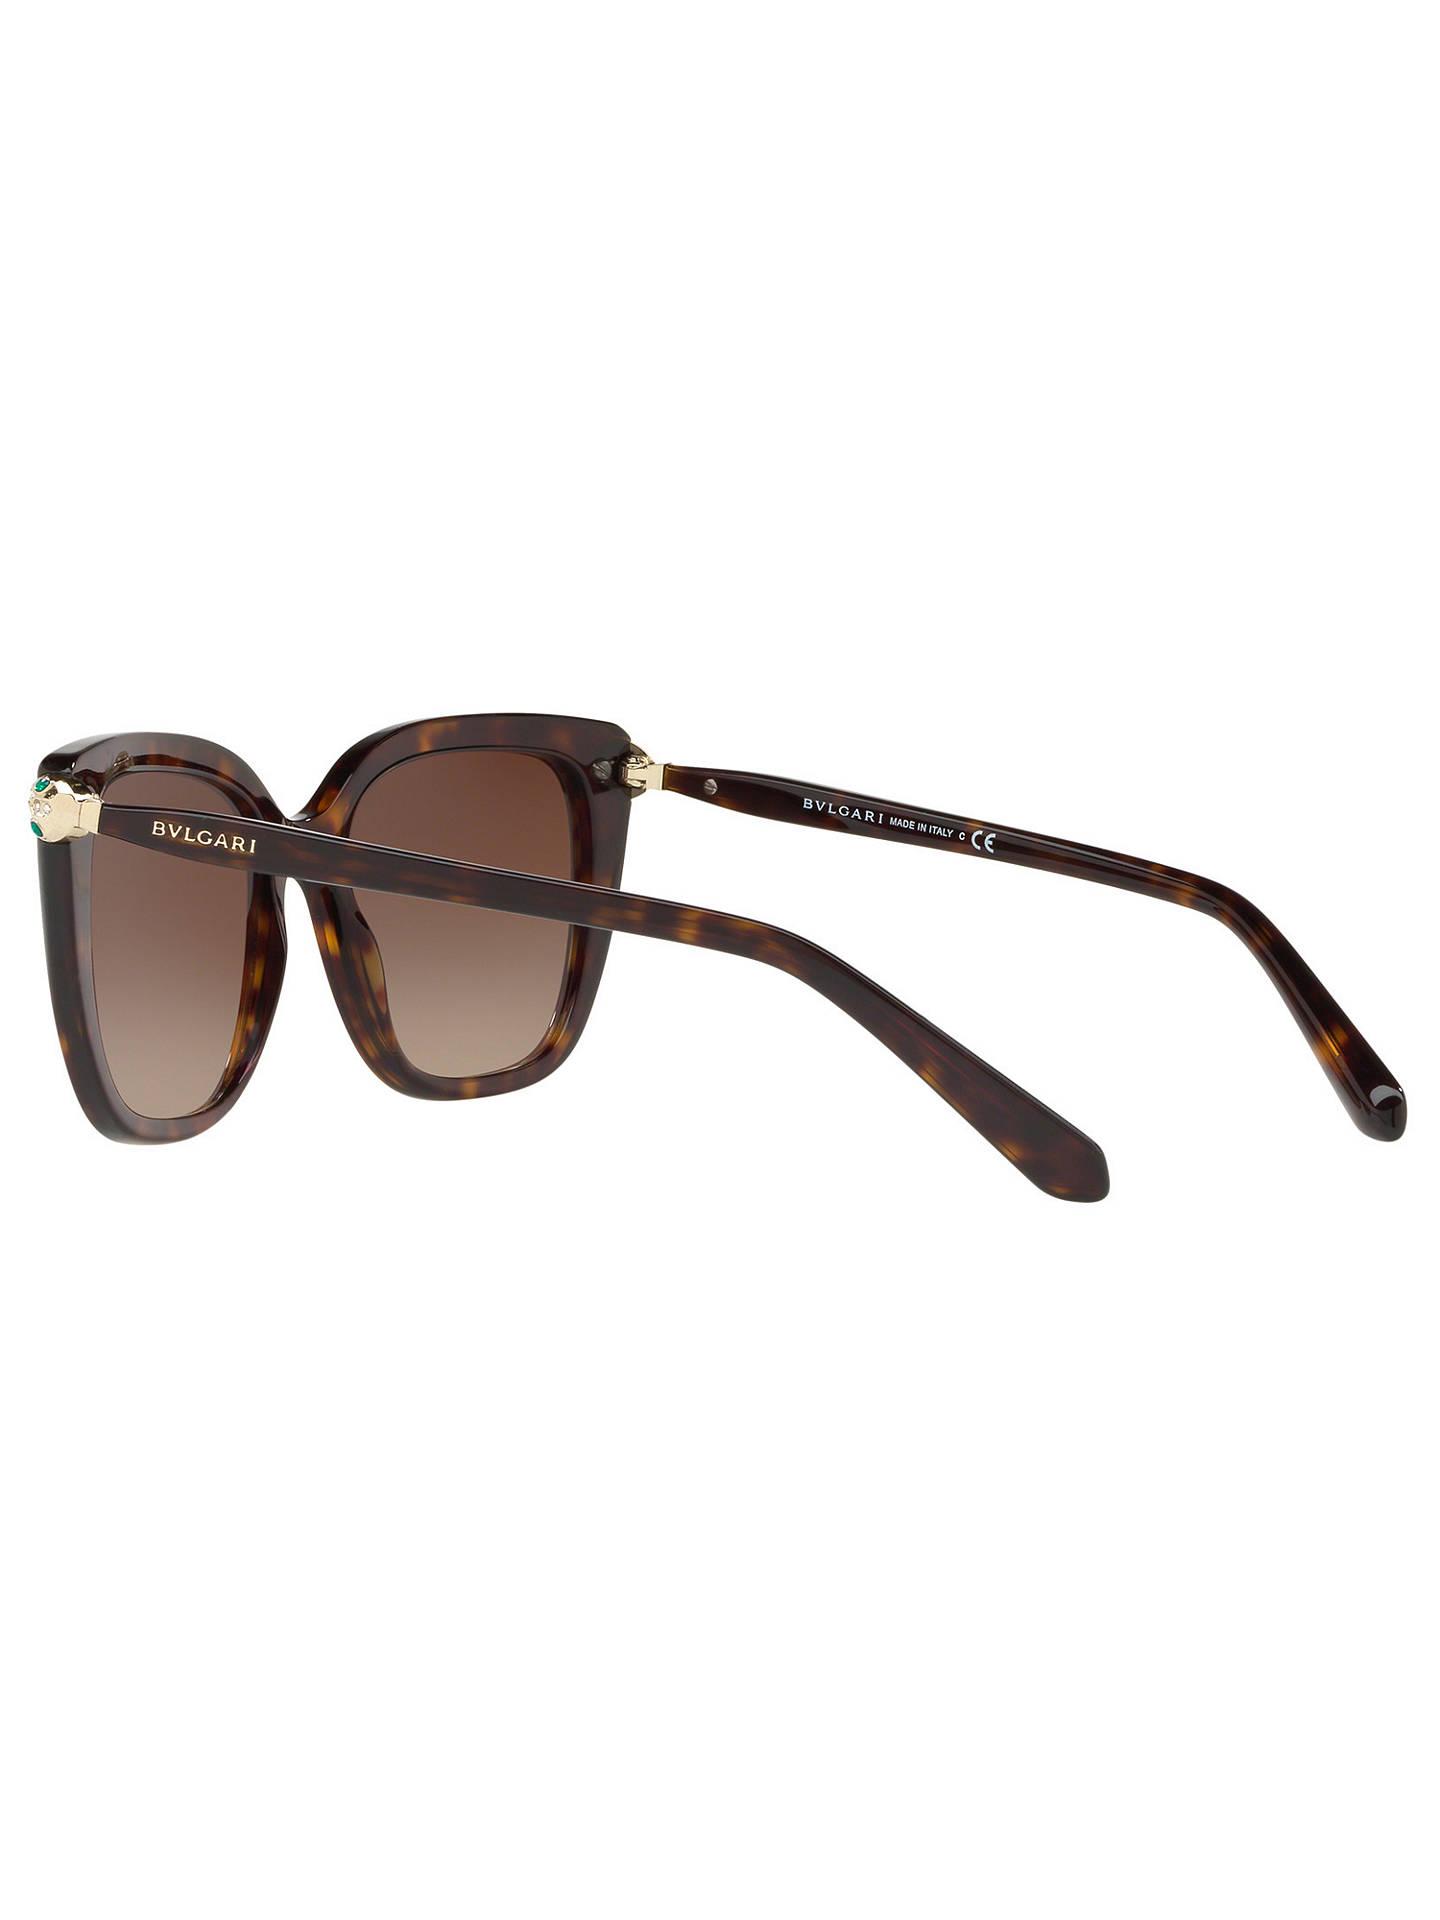 312e2ff7d6 BVLGARI BV8207B Women s Embellished Square Sunglasses at John Lewis ...